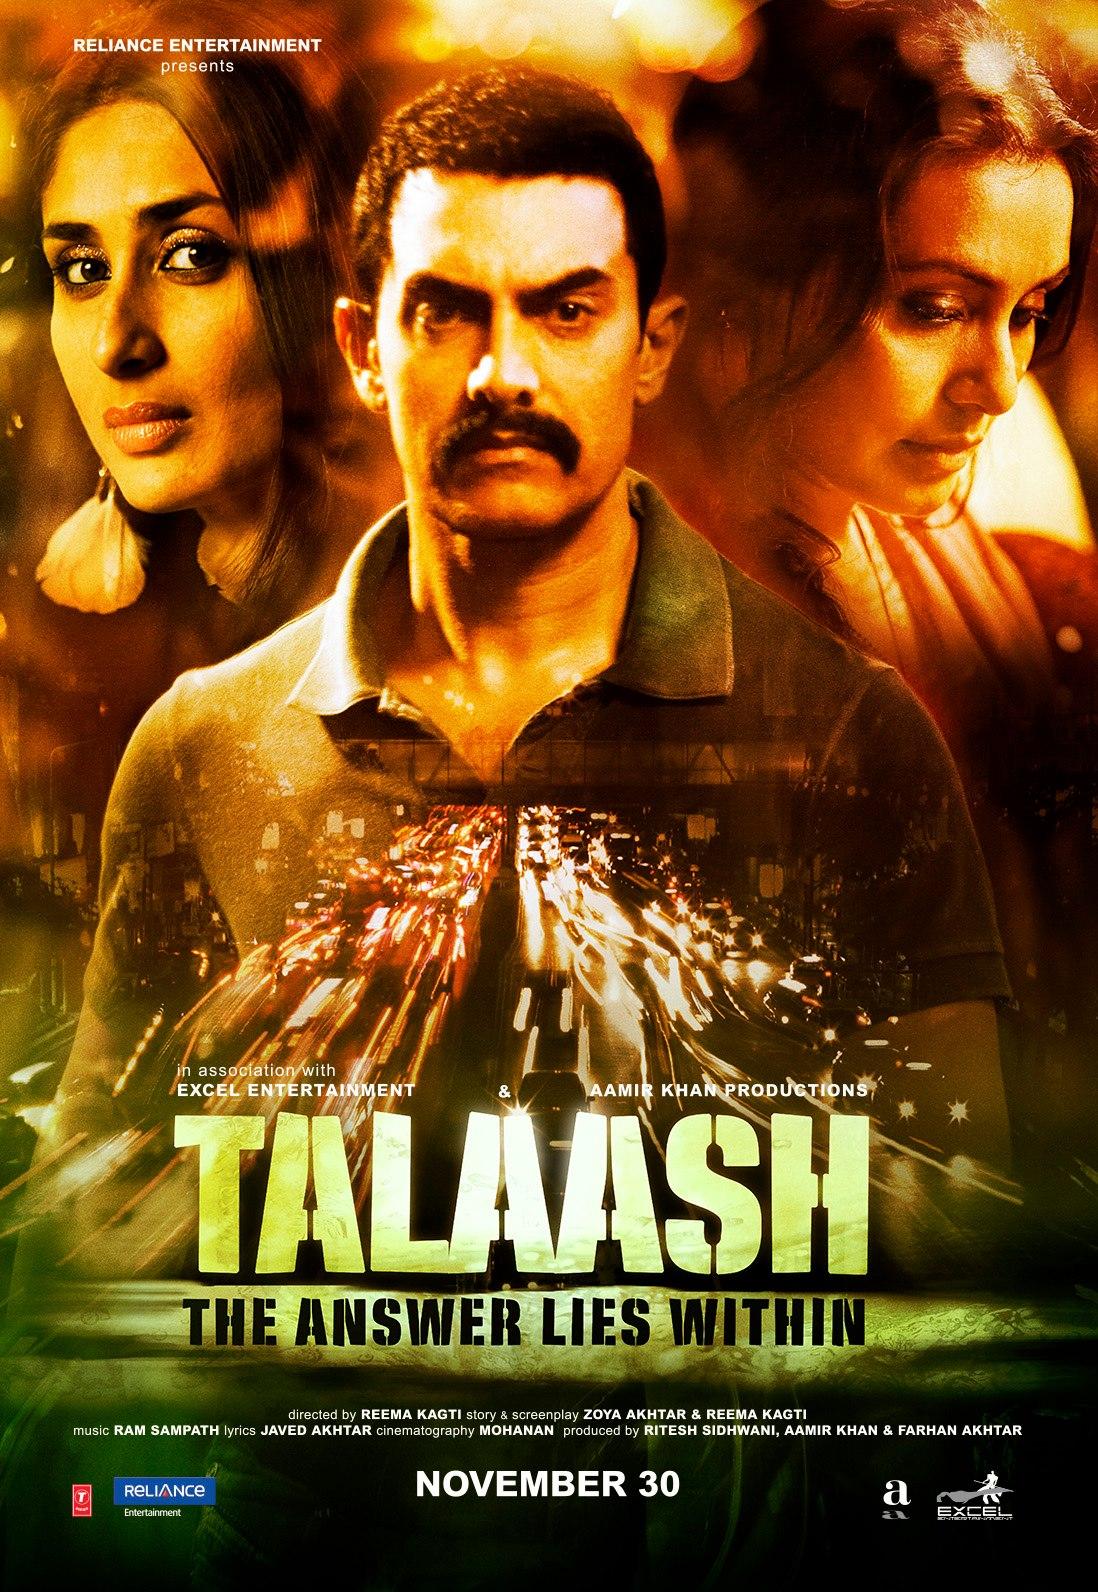 Aamir Khan Filmleri 771234 Uludağ Sözlük Galeri